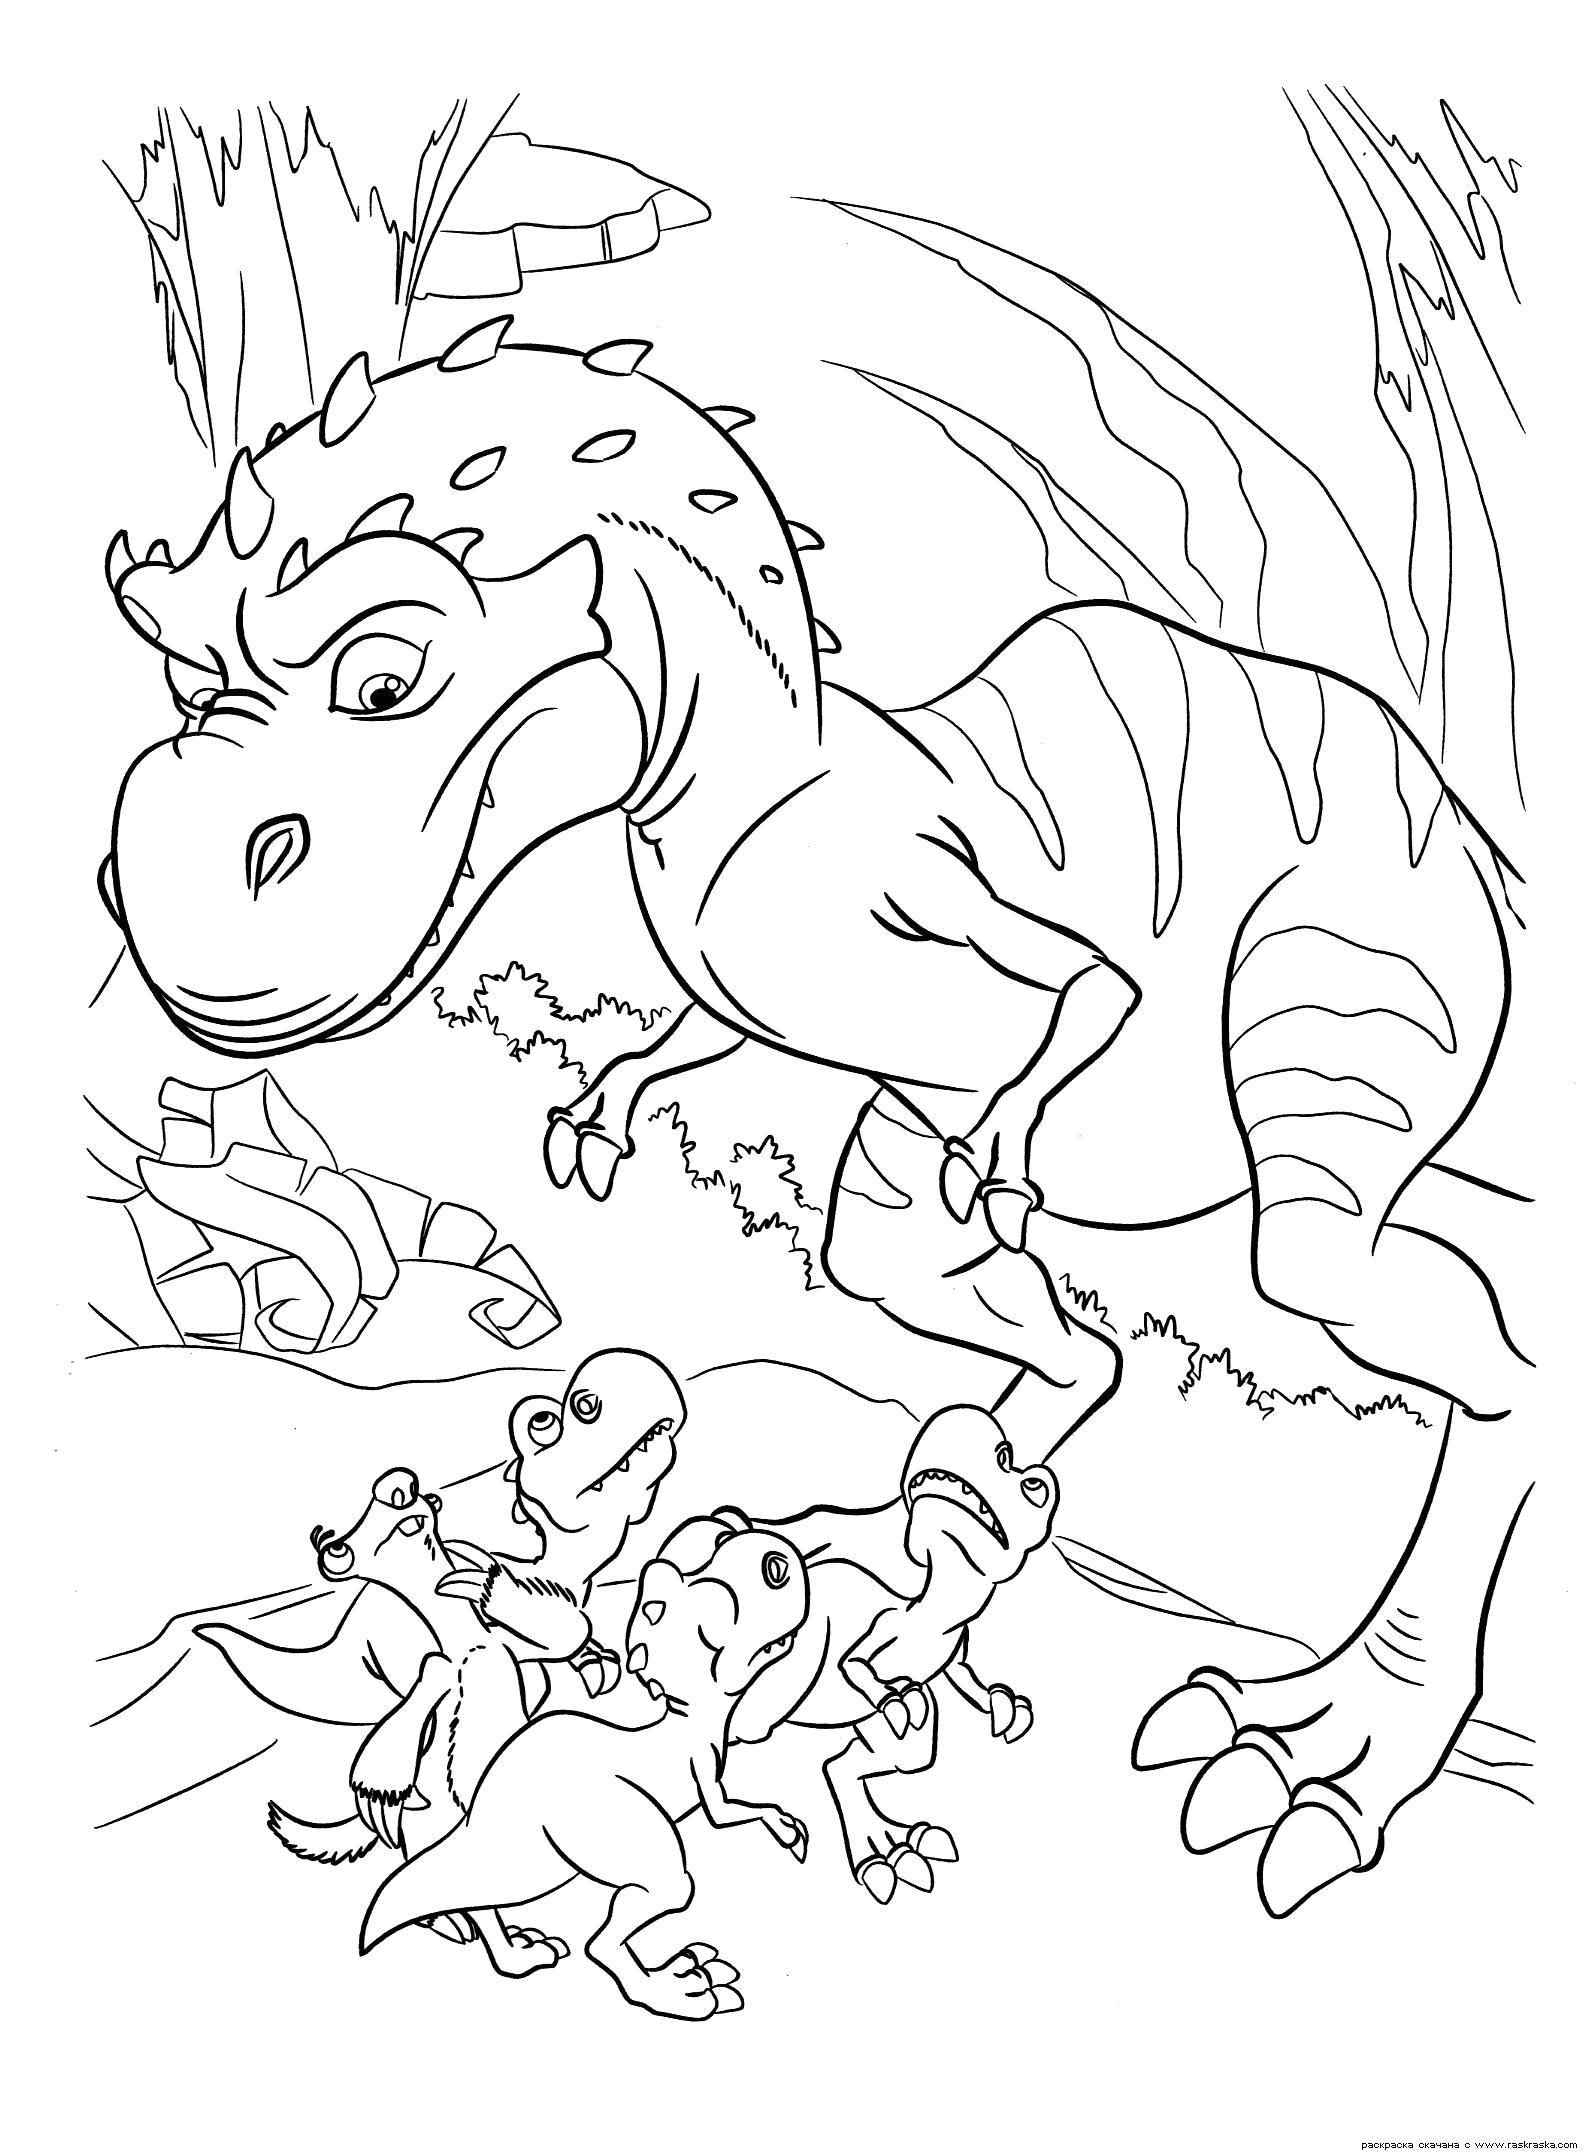 Раскраска  Мама динозавр.  Динозаврики из мультика Эра Динозавров, Ледниковый период 3, Сид ленивец разукрашка для детей. Скачать динозавр.  Распечатать динозавр